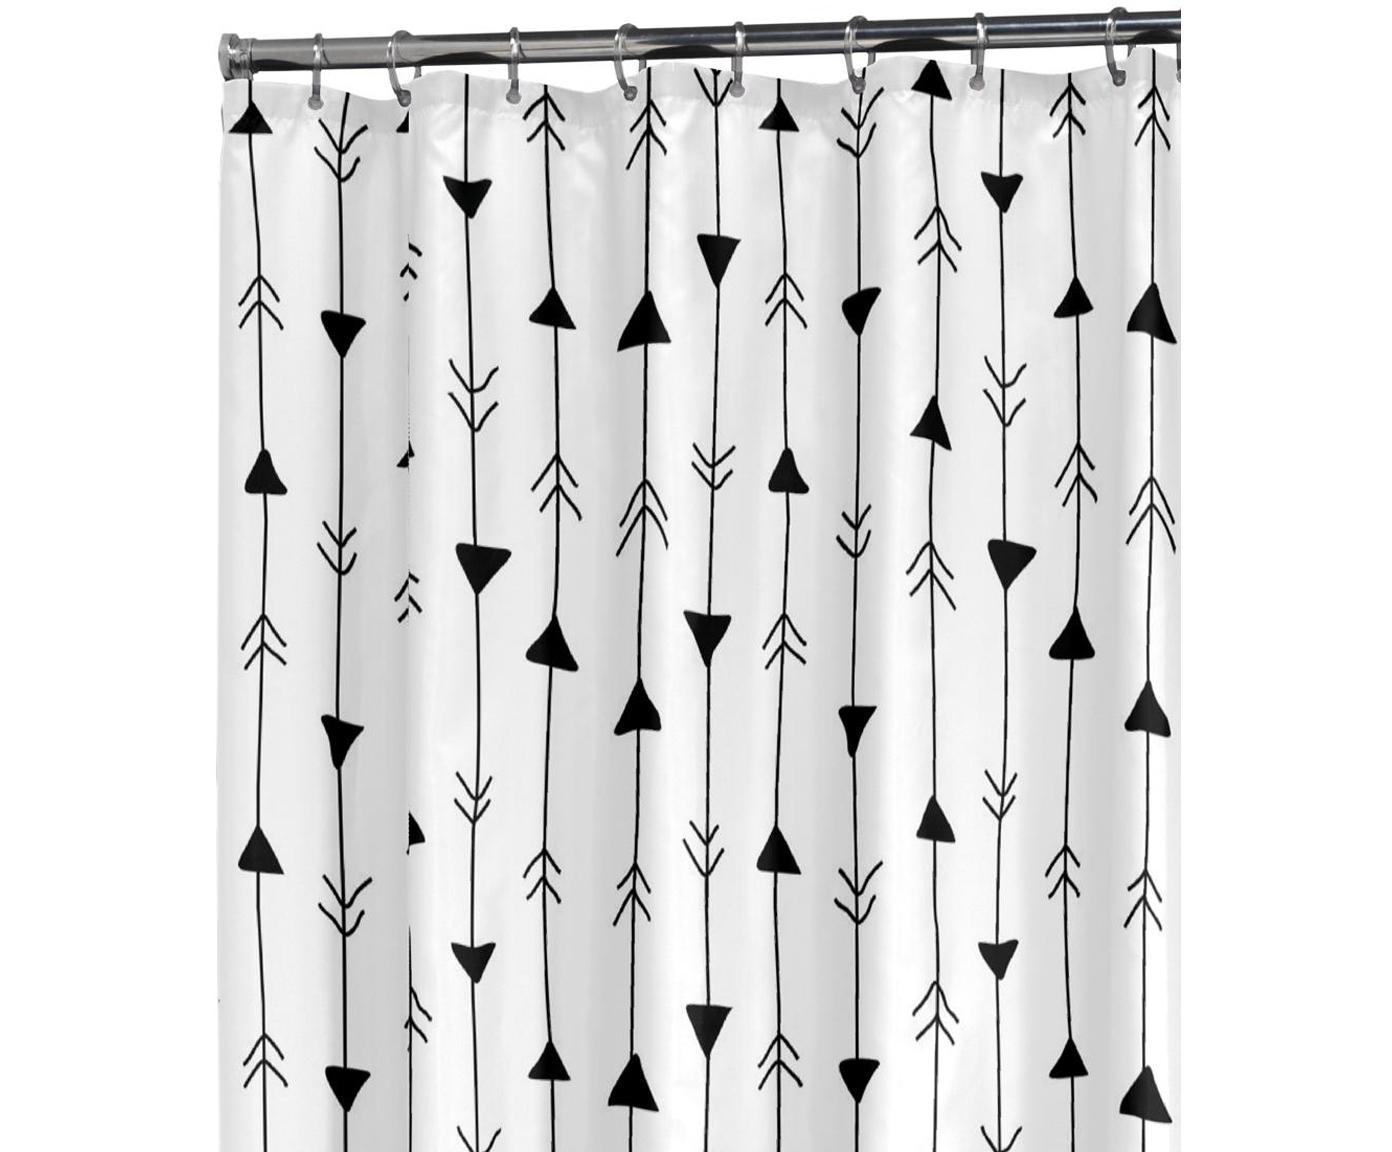 Zasłona prysznicowa Katie, Biały, czarny, 180 x 200 cm